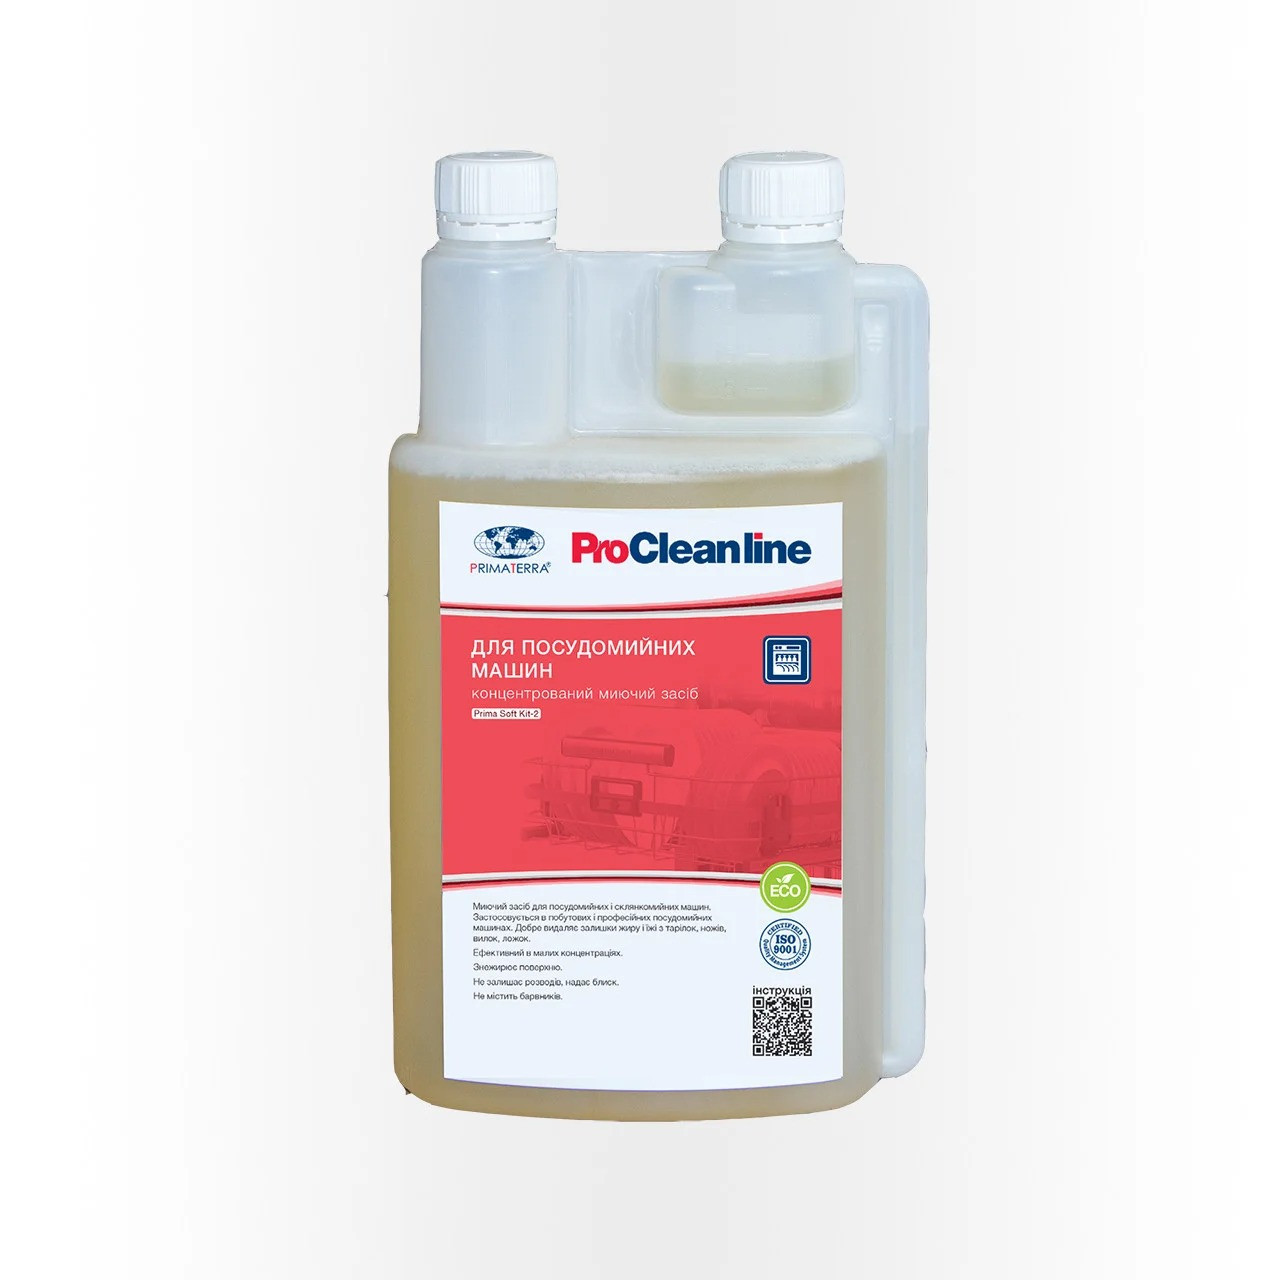 Для посудомоечной машины, концентрат PRIMATERRA Soft Kit-2 (1,25кг) Д